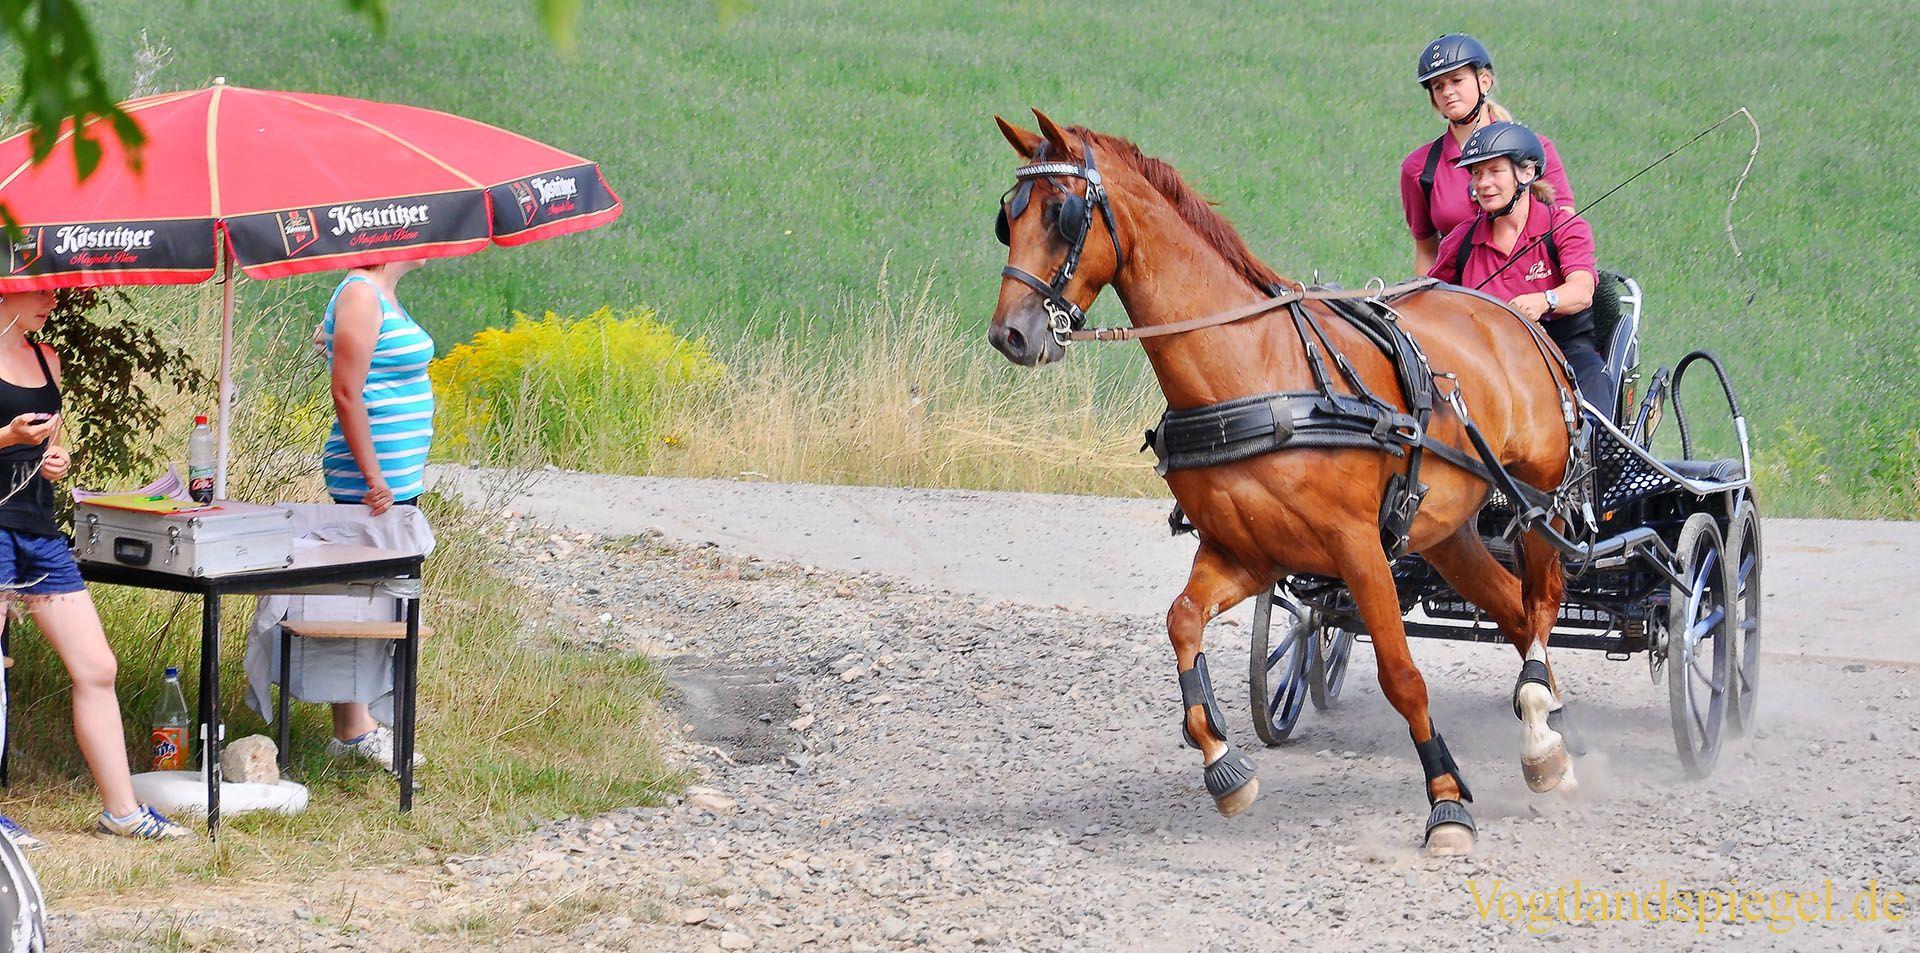 Thüringer Landesmeisterschaften im Gespannfahren 2013 in Mohlsdorf